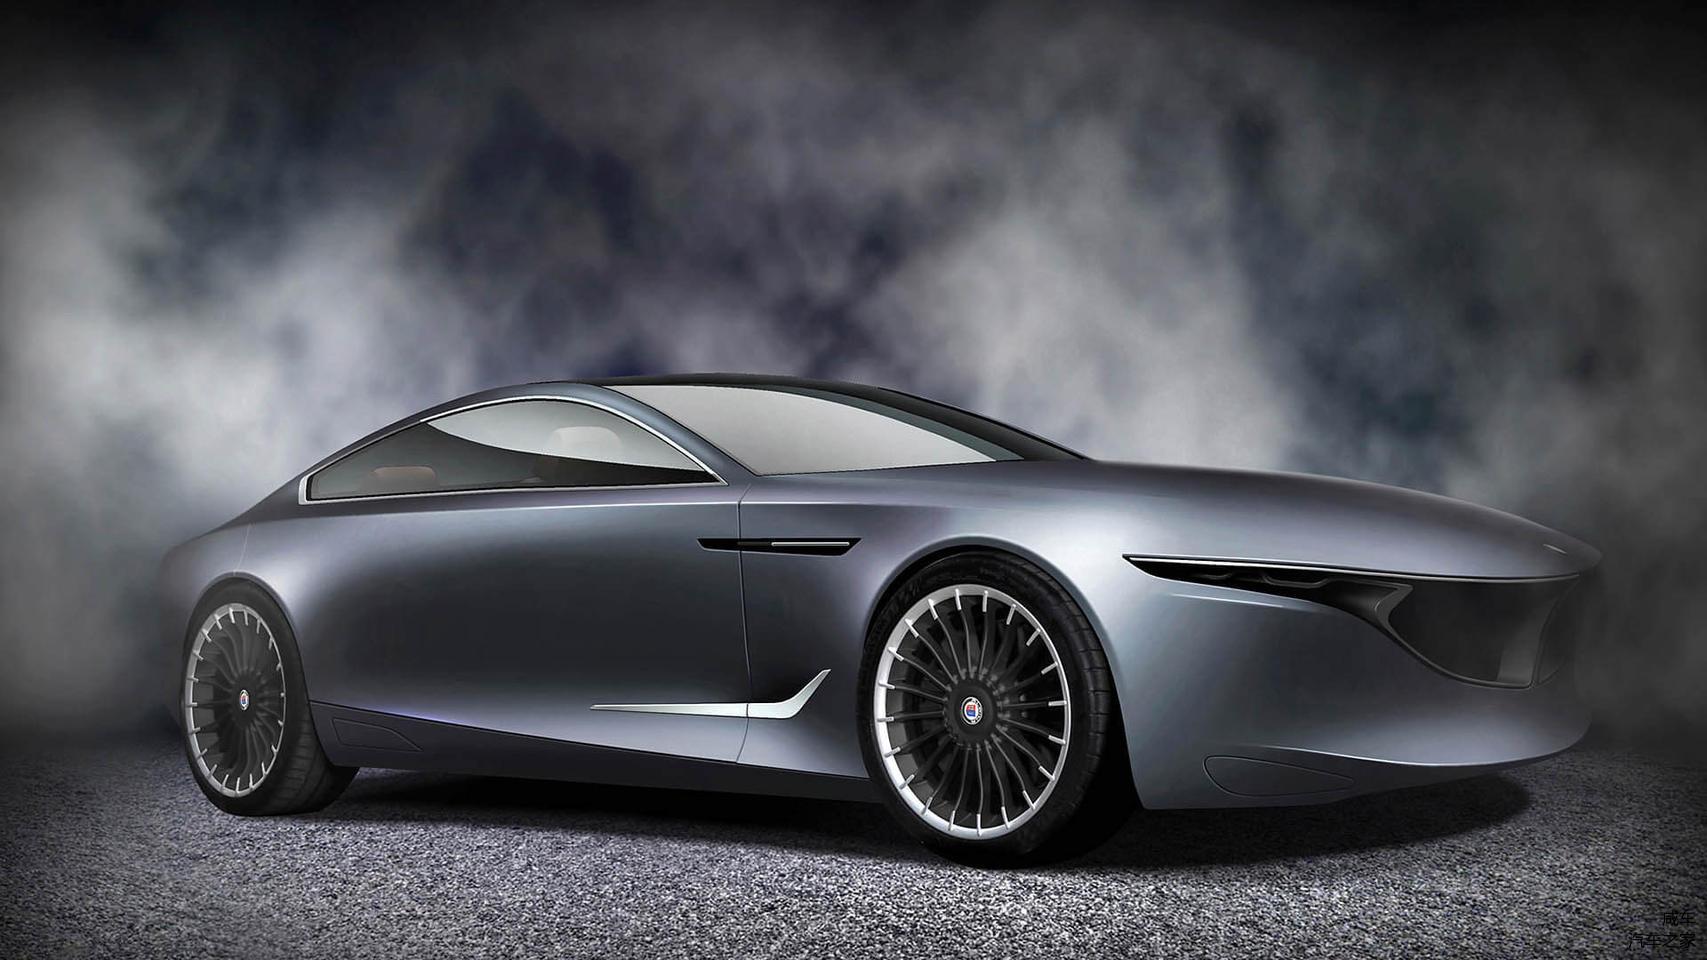 宝马粉丝甚至绘制了概念车图,和新款宝马8系有异曲同工之妙.